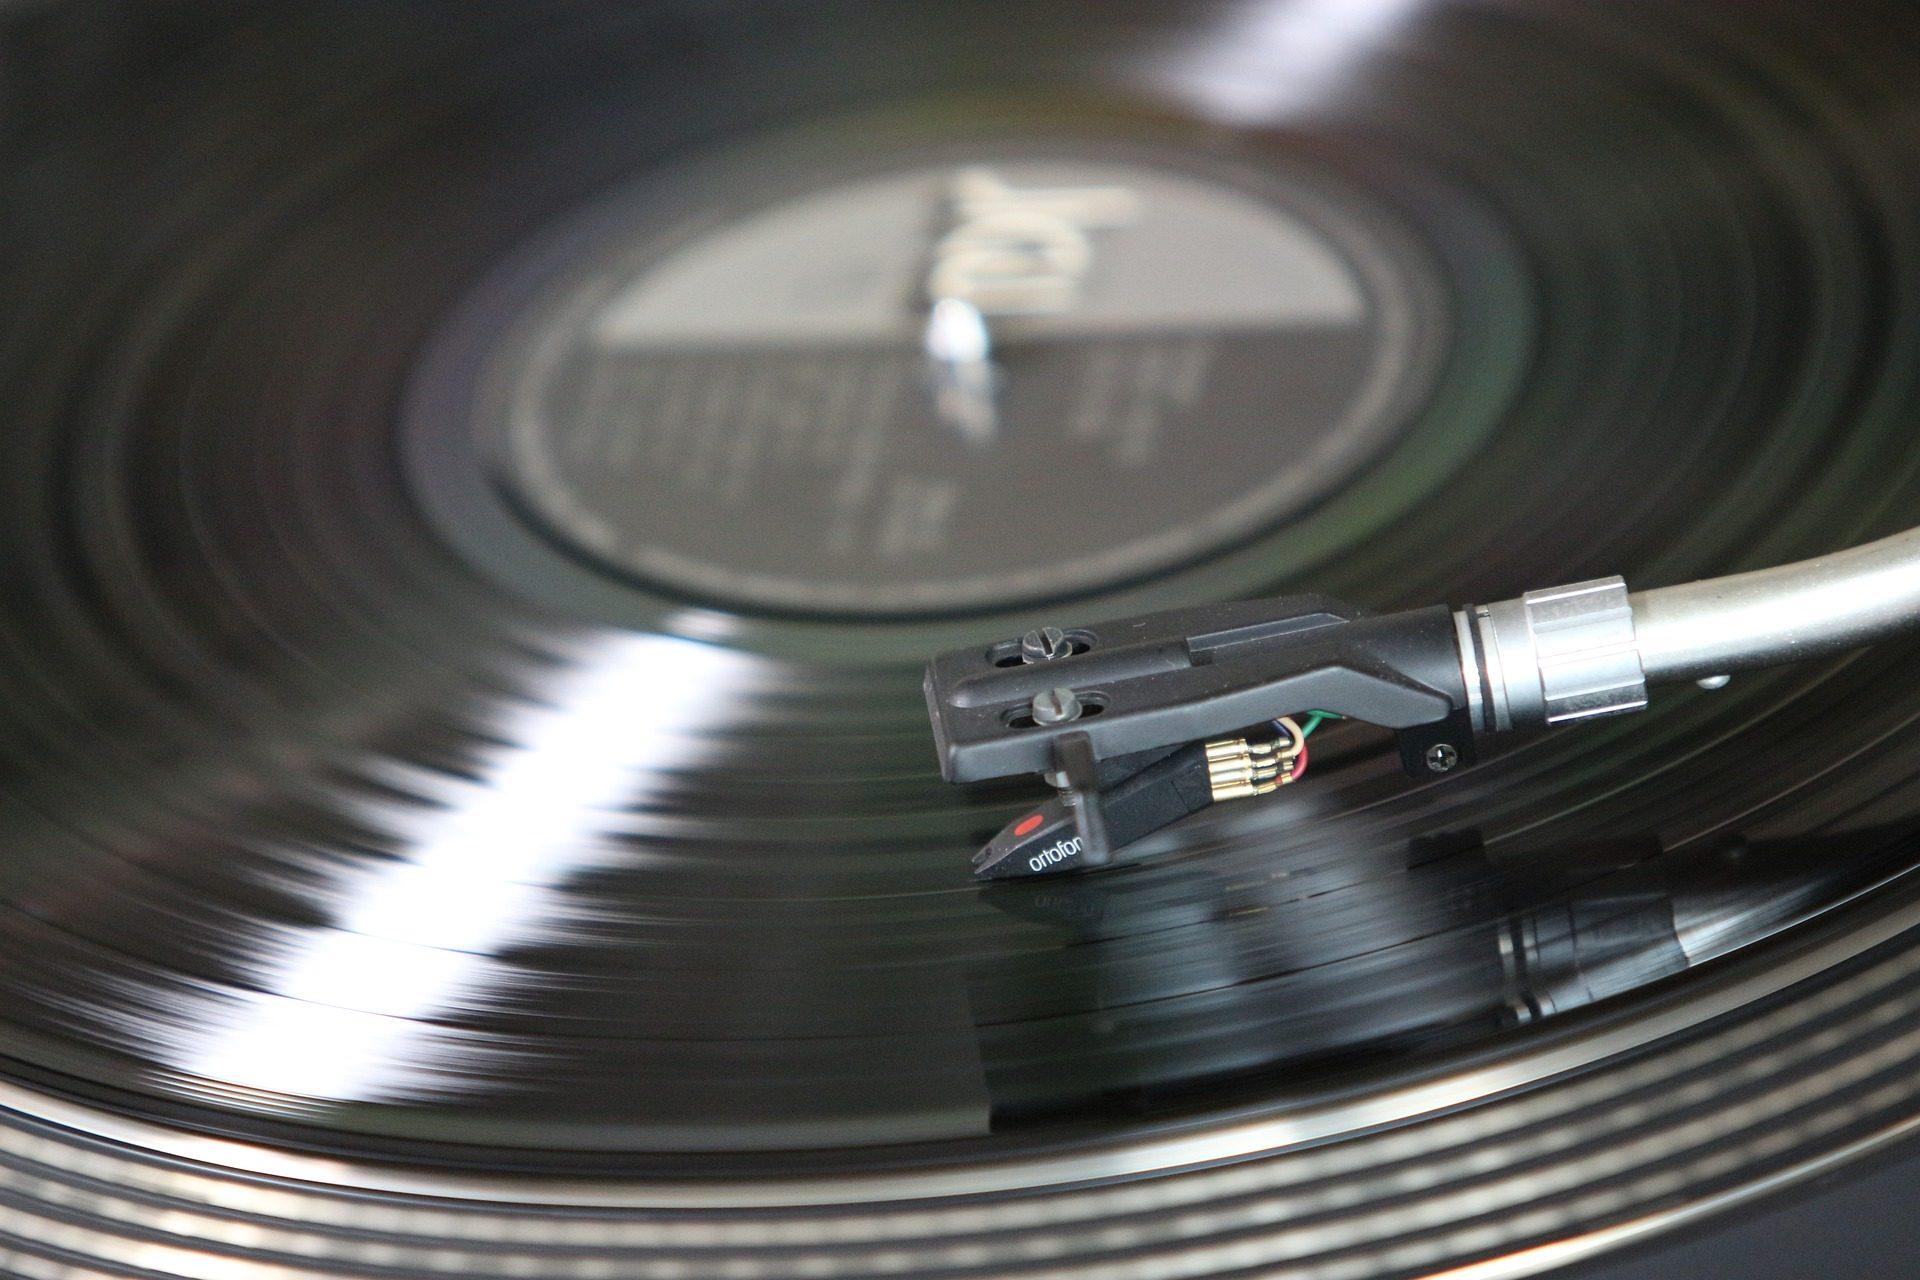 डिस्क, Vinyl, turntable के, सुई, विंटेज - HD वॉलपेपर - प्रोफेसर-falken.com